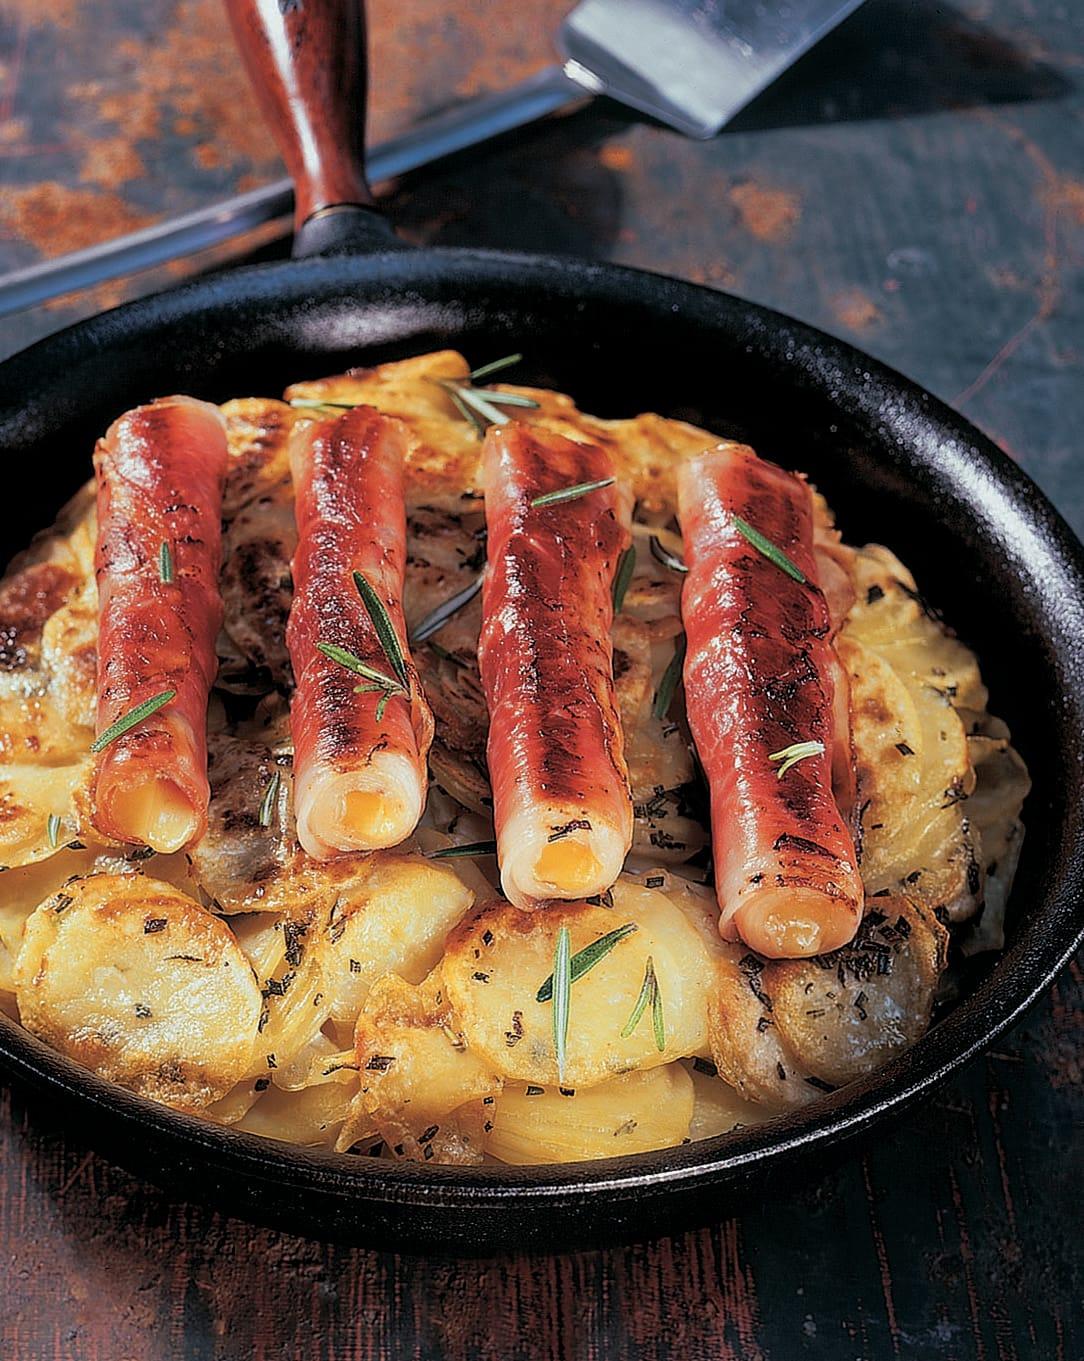 Roulades de jambon au fromage sur lit de rösti